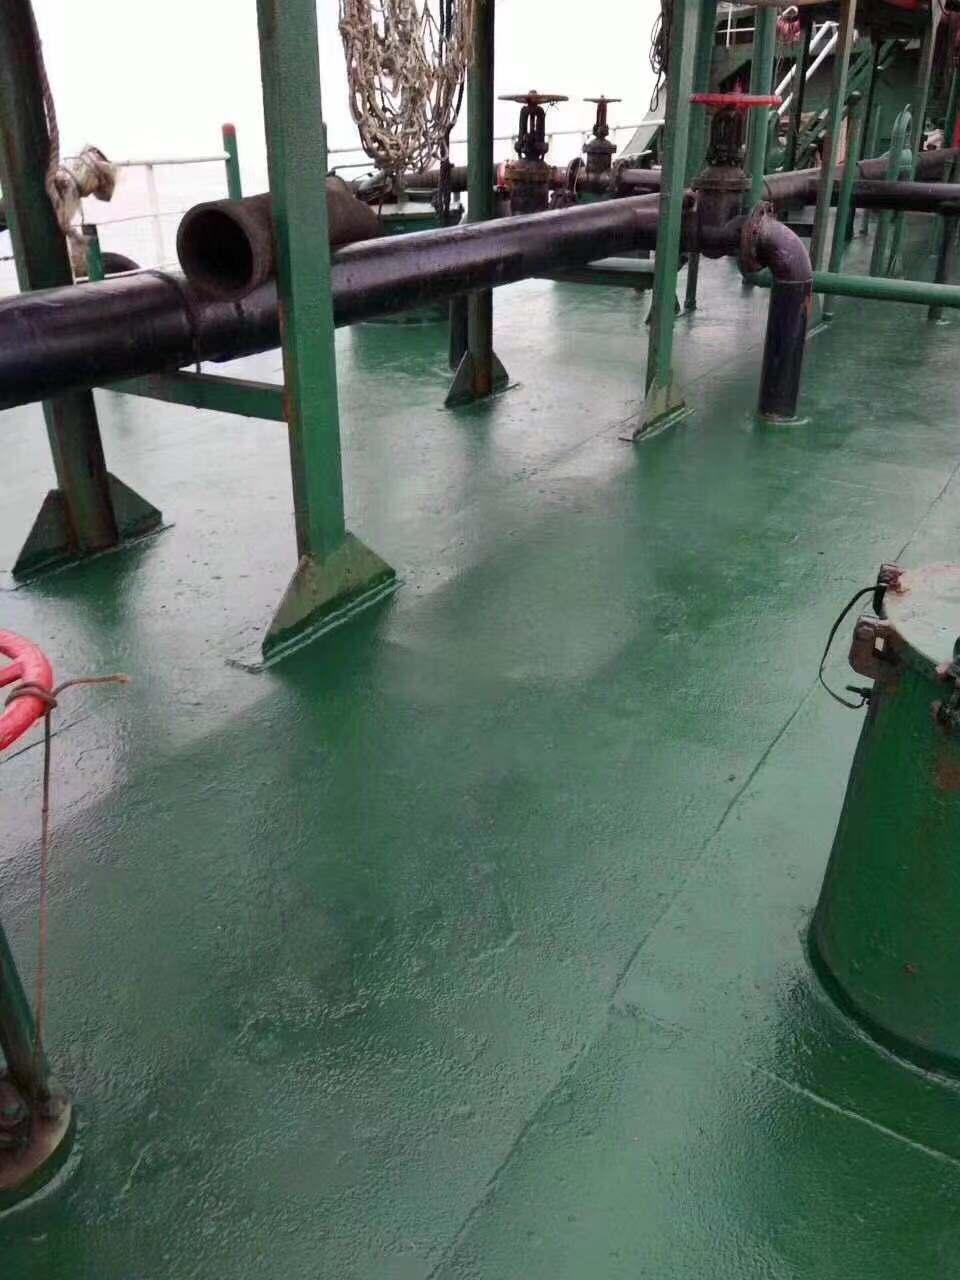 出租1000吨双底单壳油船 在航 船非常漂亮!